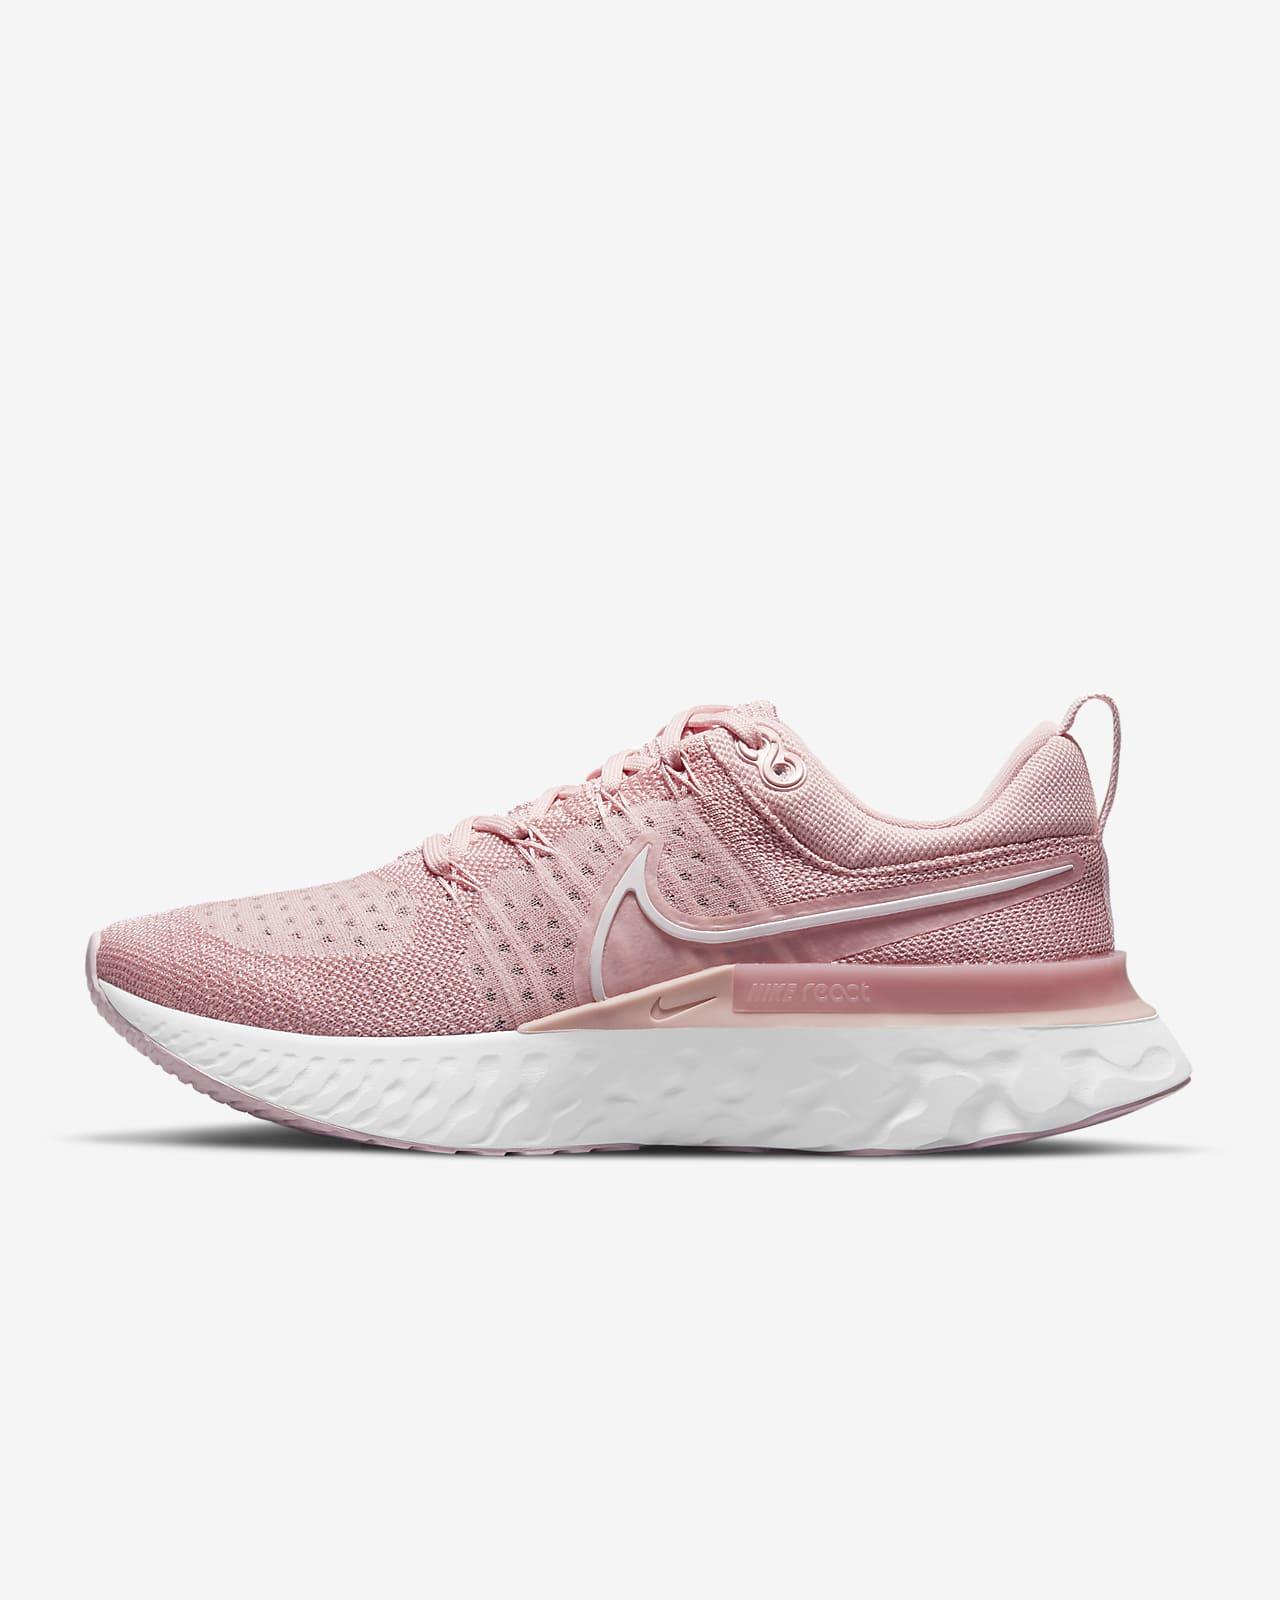 Nike React Infinity Run Flyknit 2 Kadın Koşu Ayakkabısı